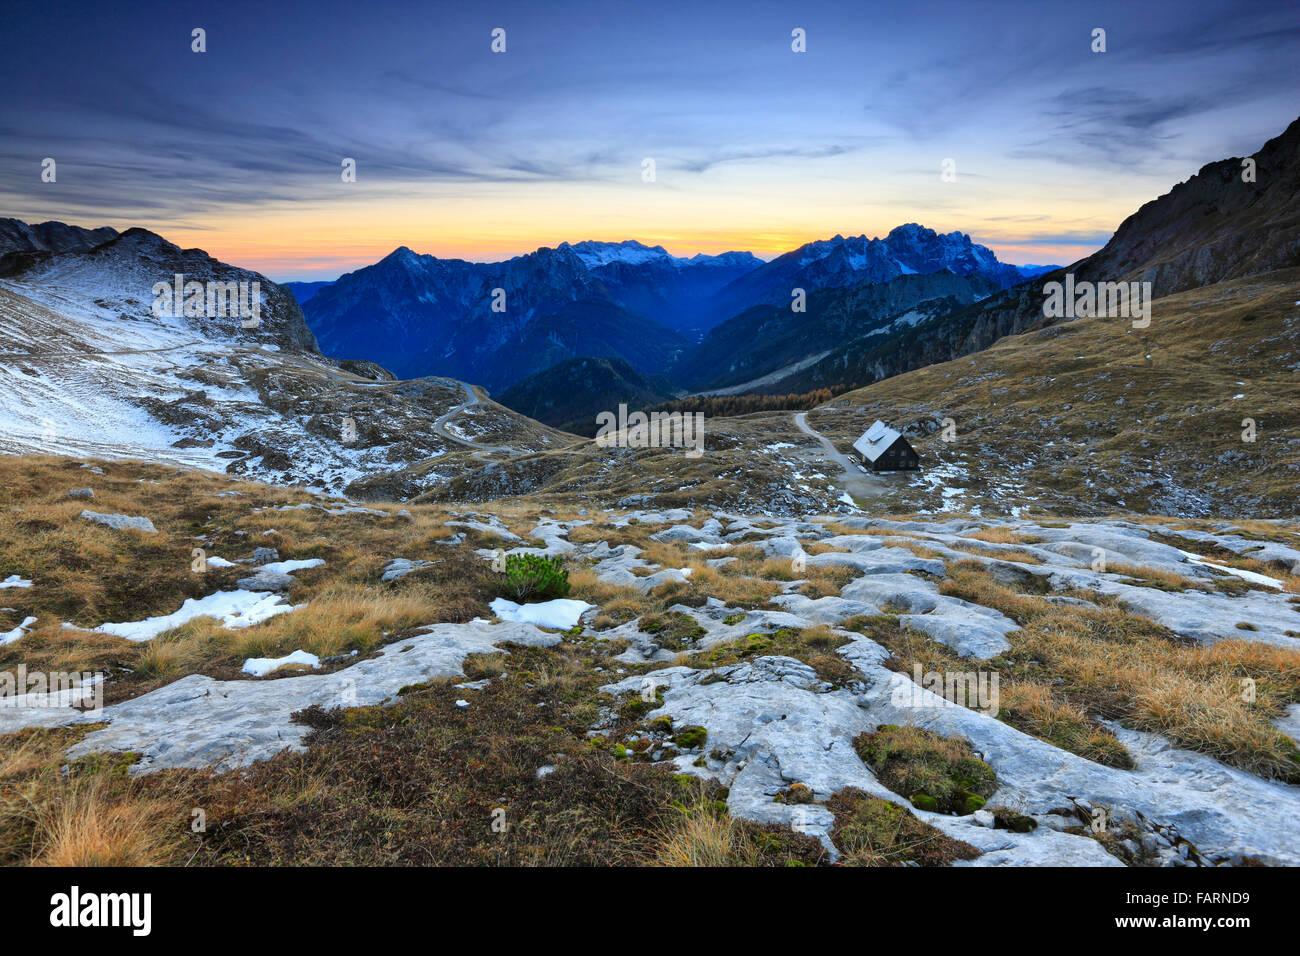 Berge Sonnenuntergang Landschaft. Julischen Alpen-Slowenien und Italien. Stockbild